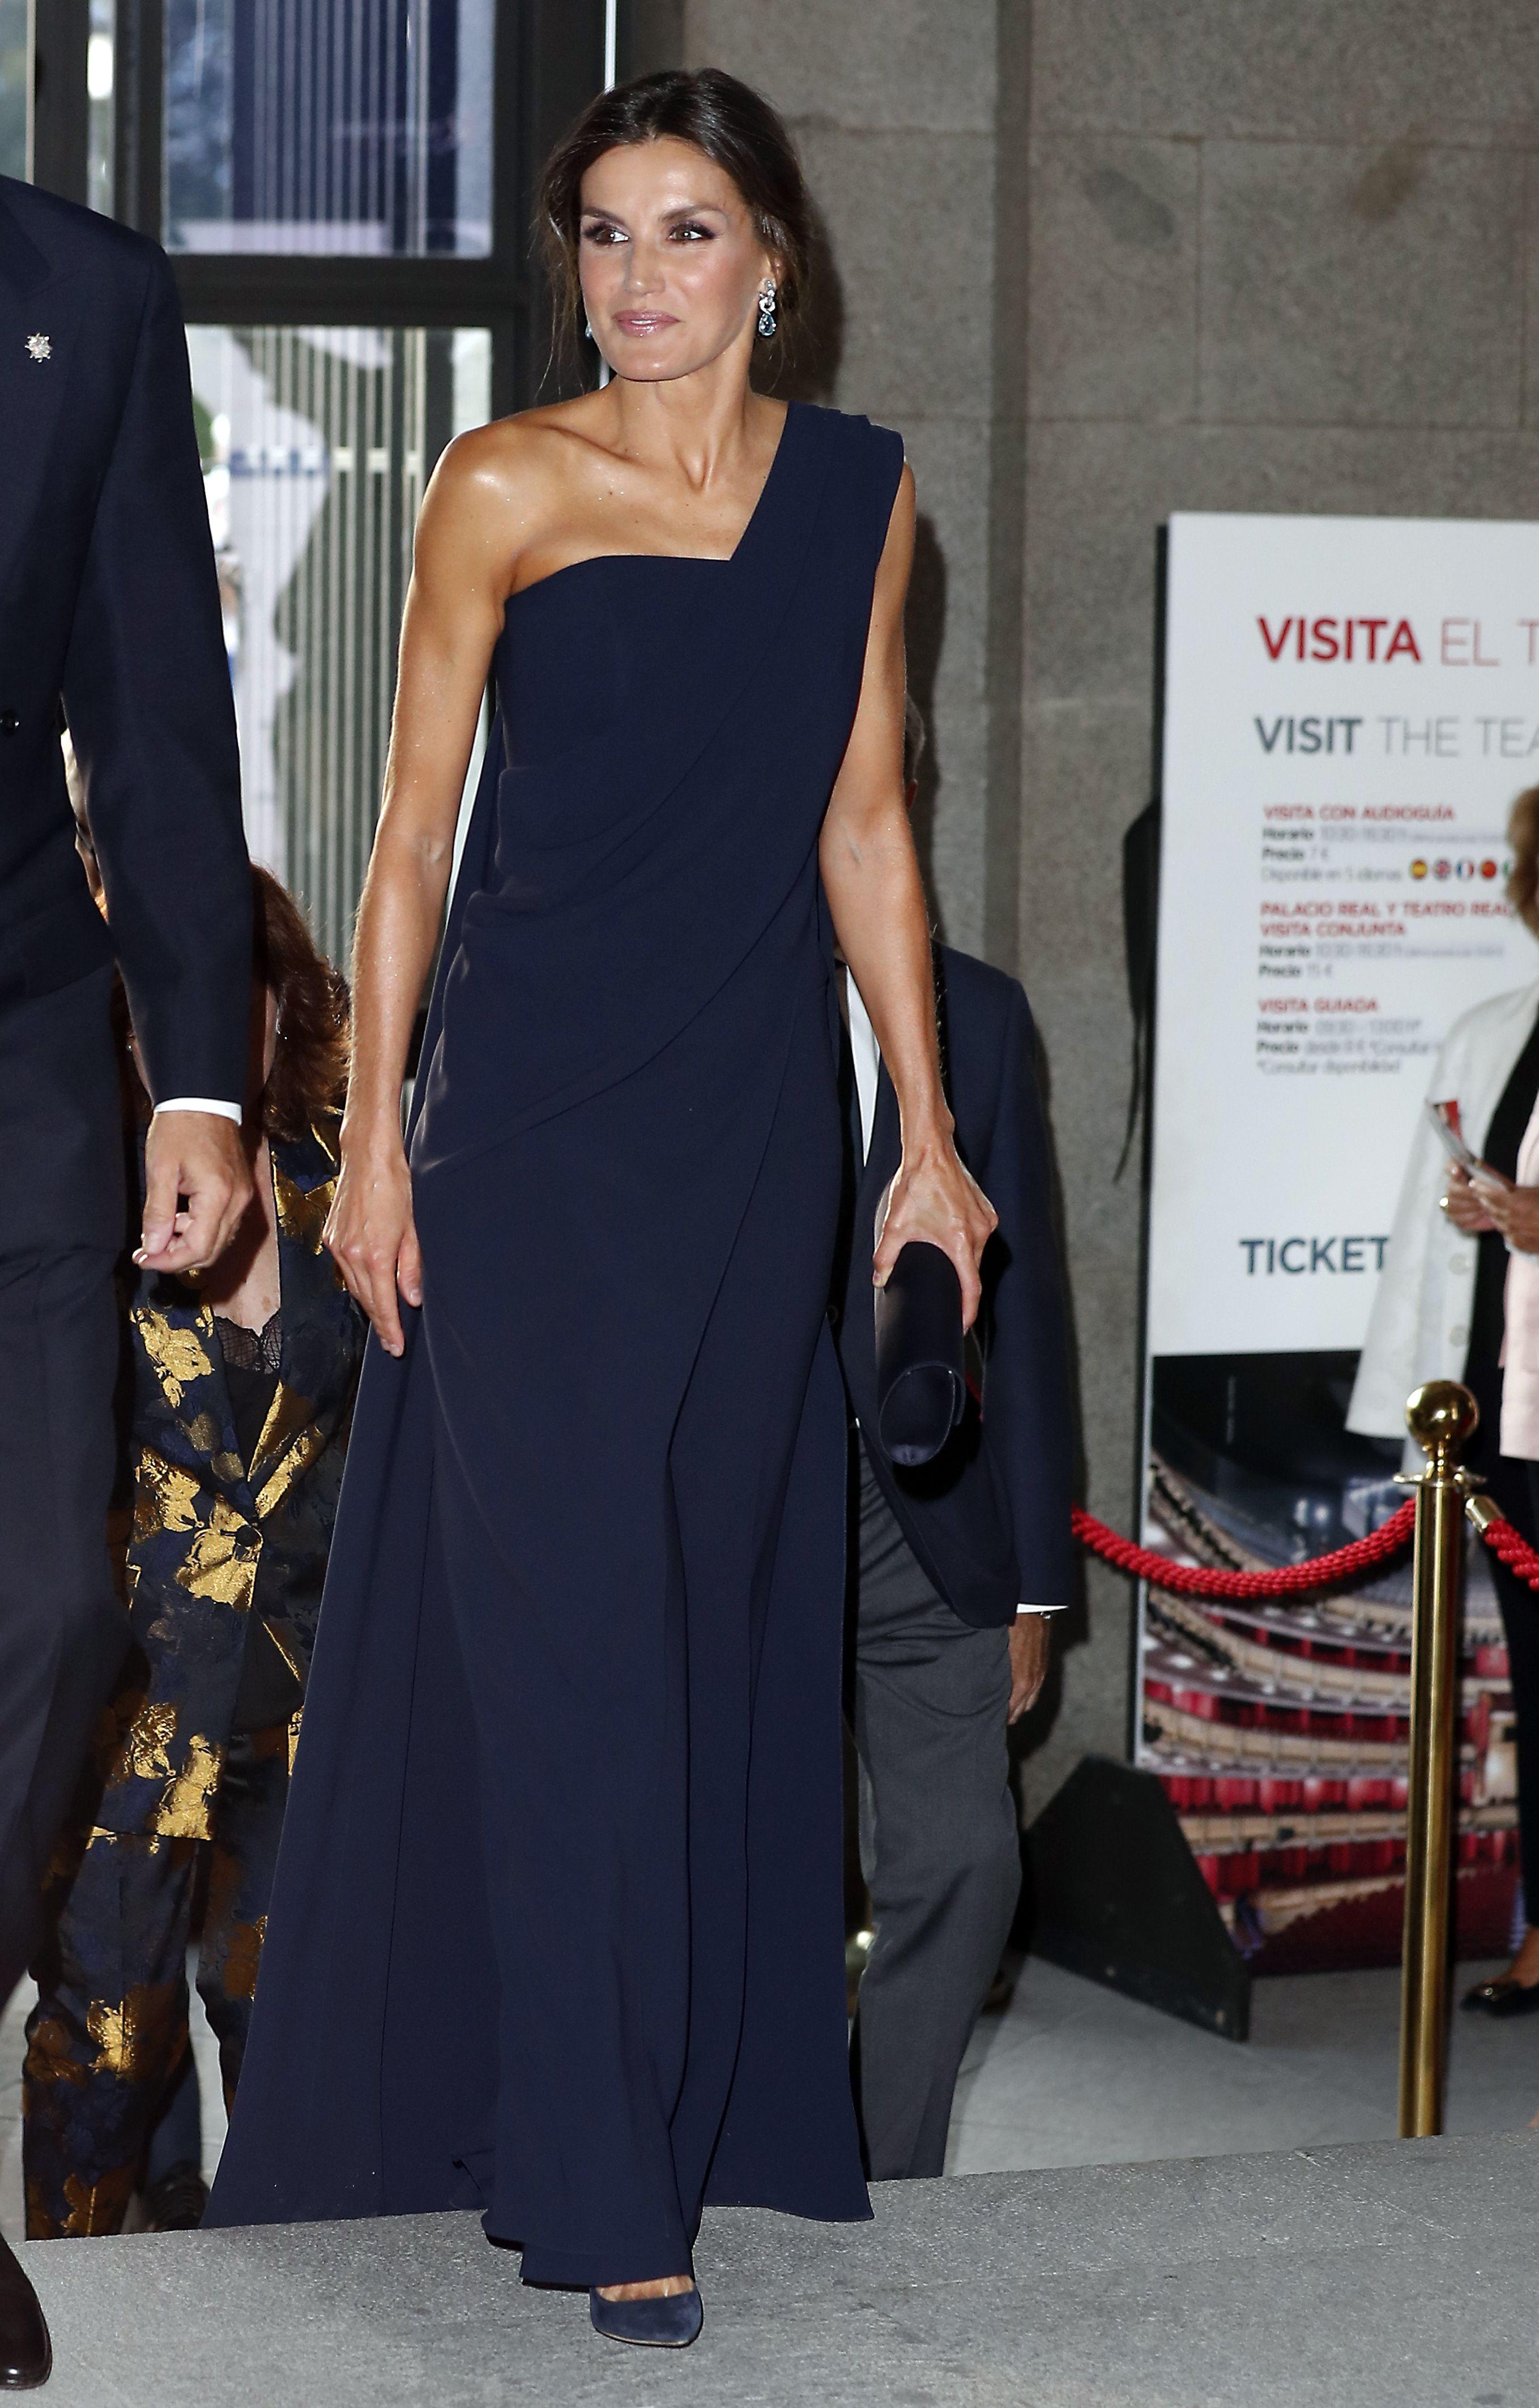 9cb6f4b57 La gran noche de la reina Letizia en el Teatro Real - La reina Letizia  deslumbra en el Teatro Real